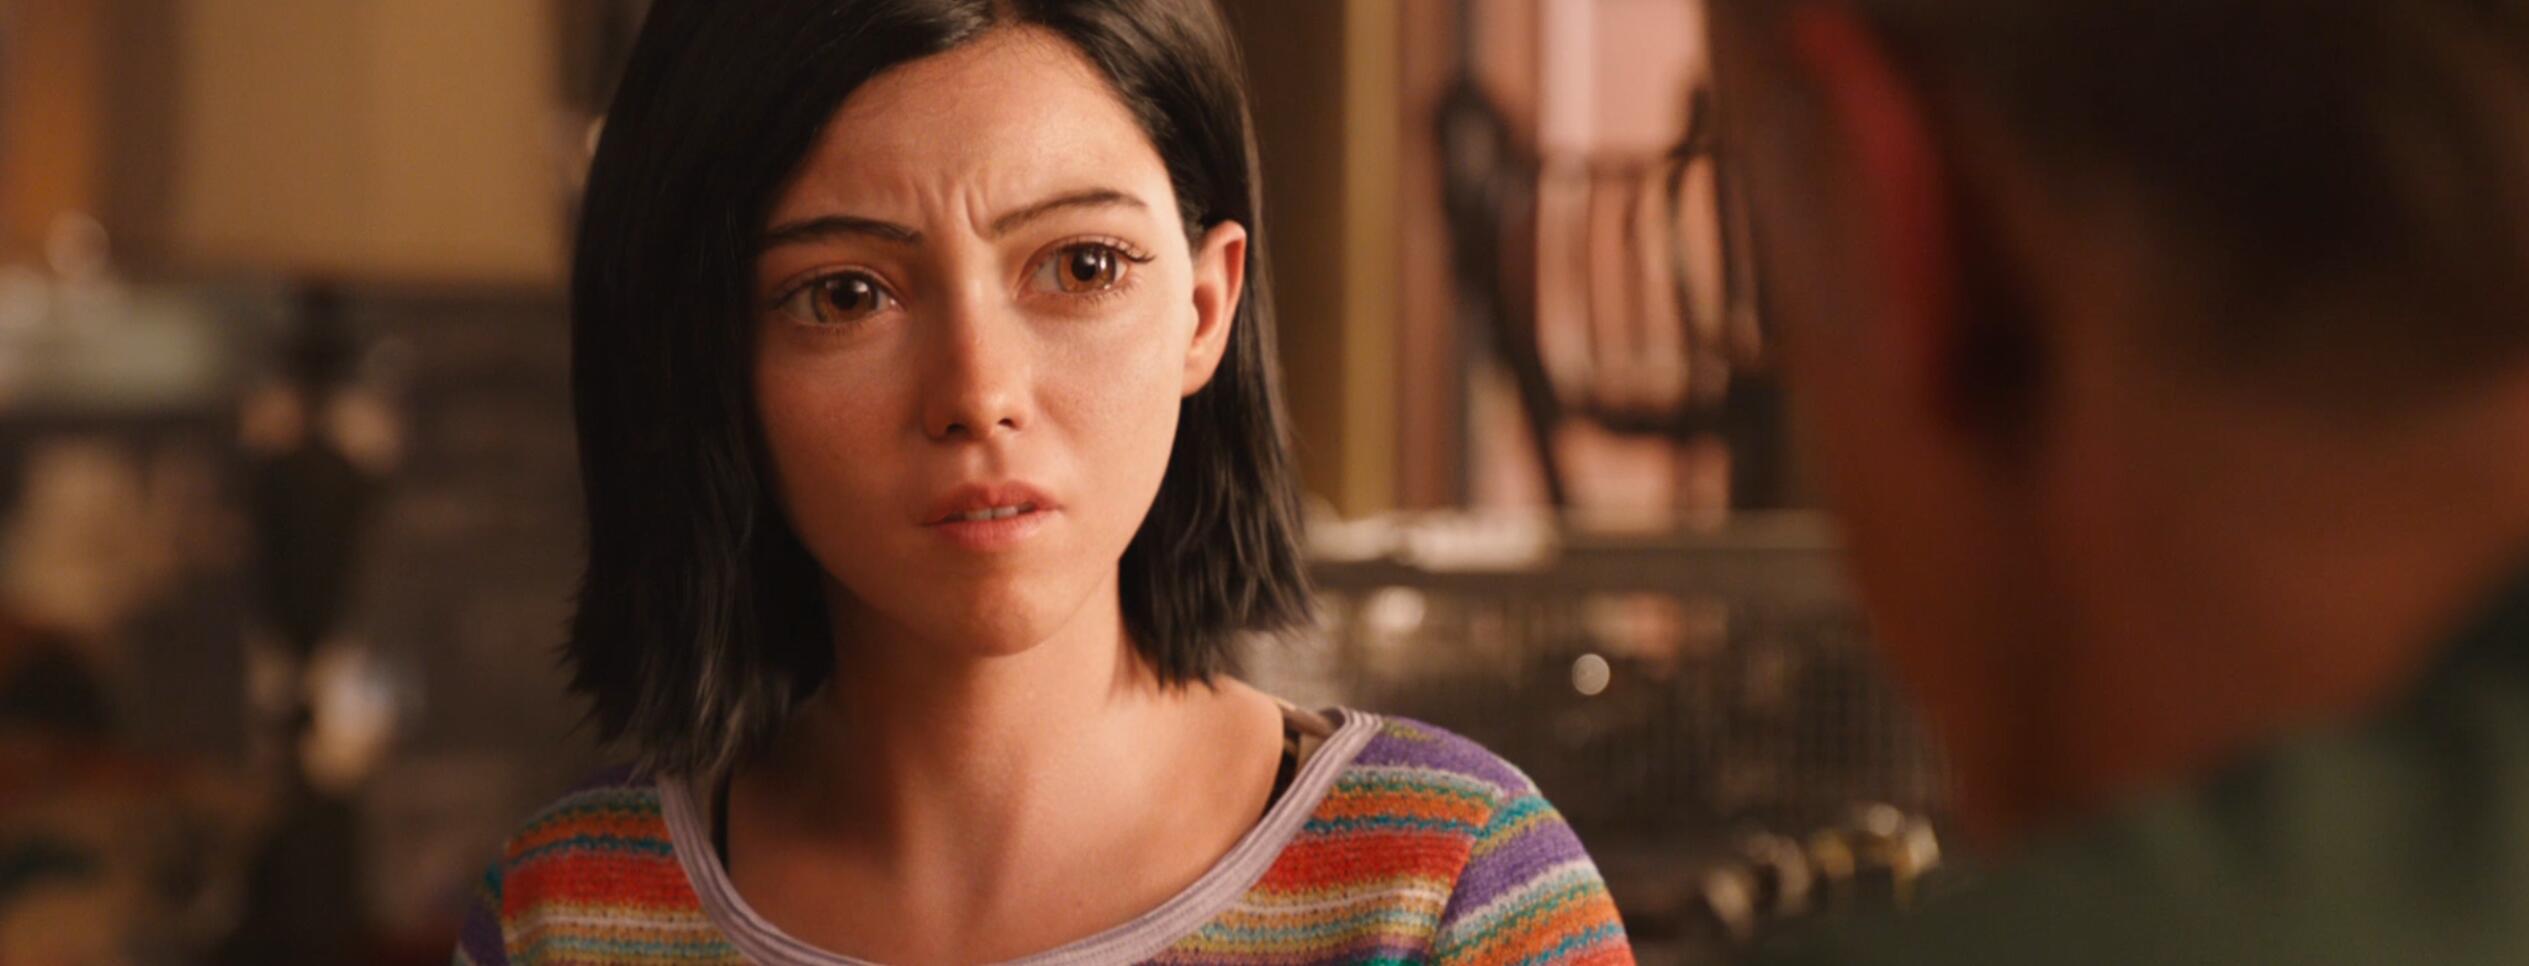 《阿丽塔》到底有什么魅力,让卡神念念不忘14载